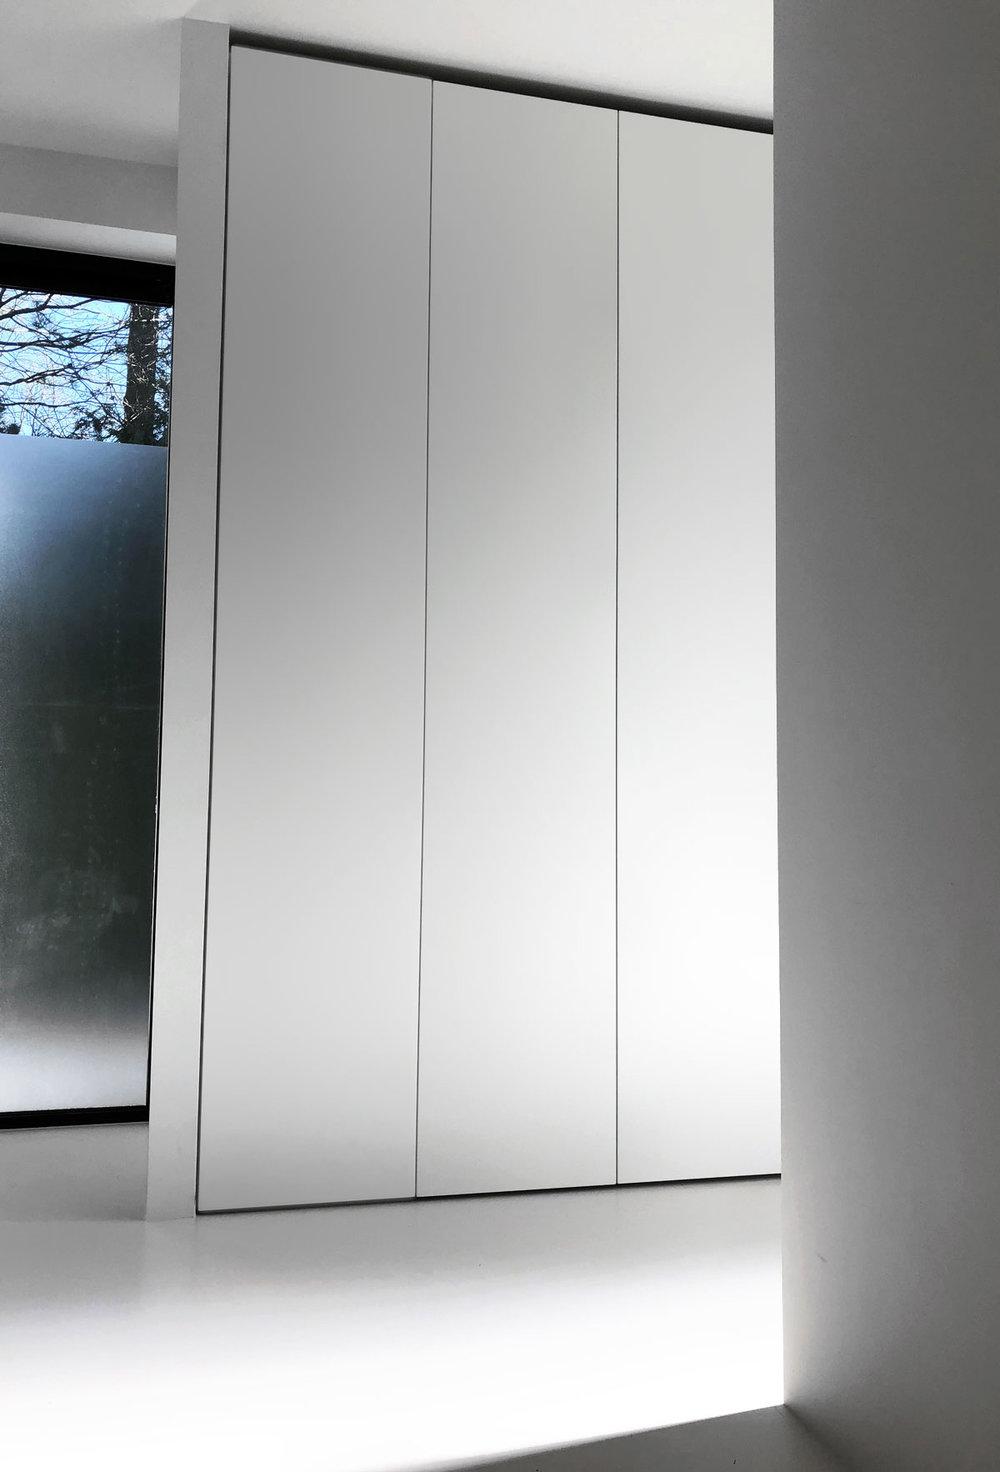 Afbeelding van een minimalistische design kledingkast op maat met handgreeploze deuren van vloer tot plafond.